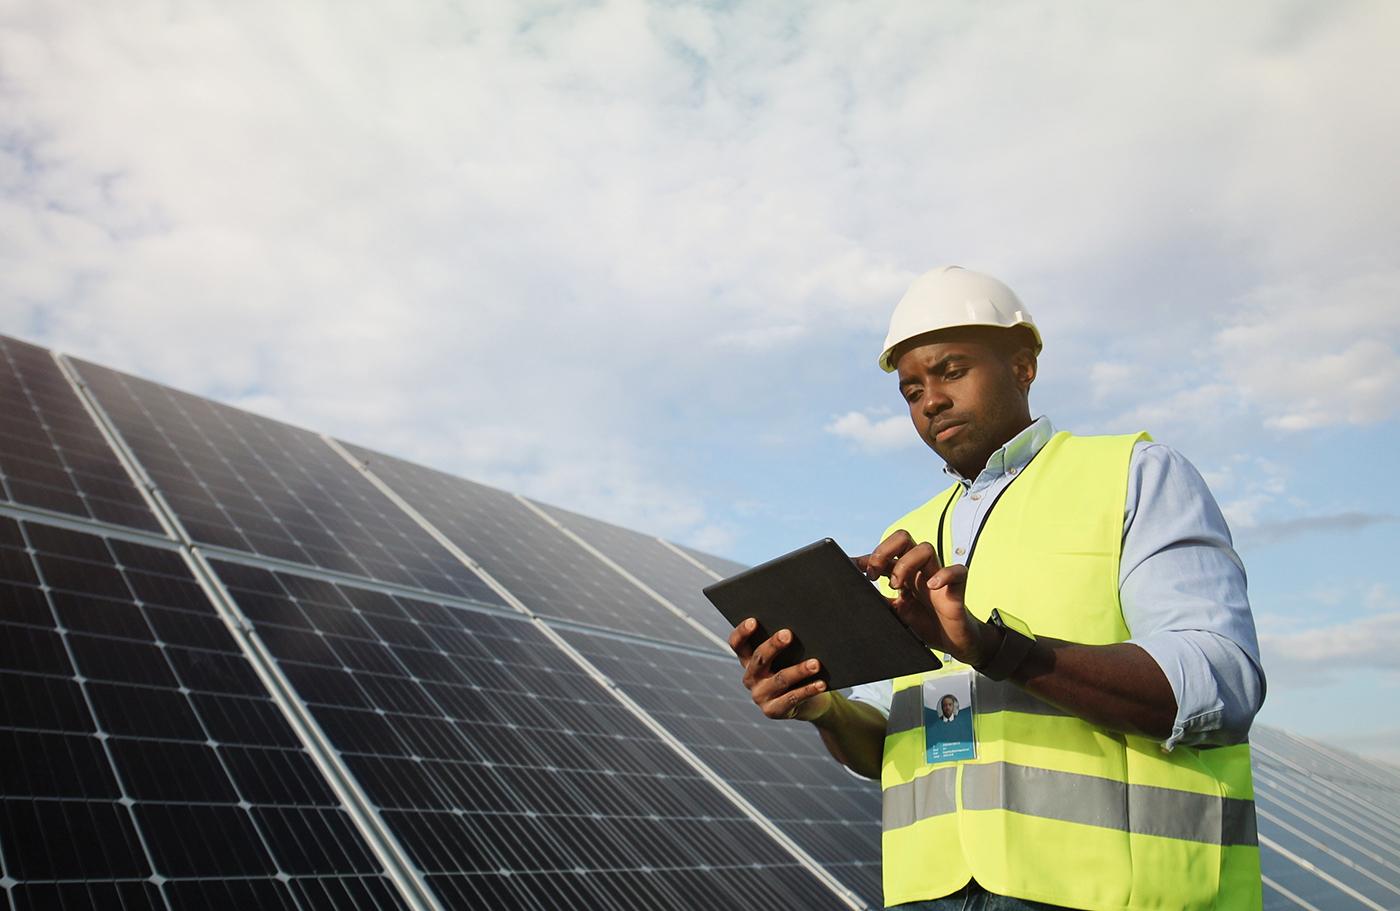 Los practicantes de energía solar fotovoltaica buscan la certificación internacional con el apoyo de CDB